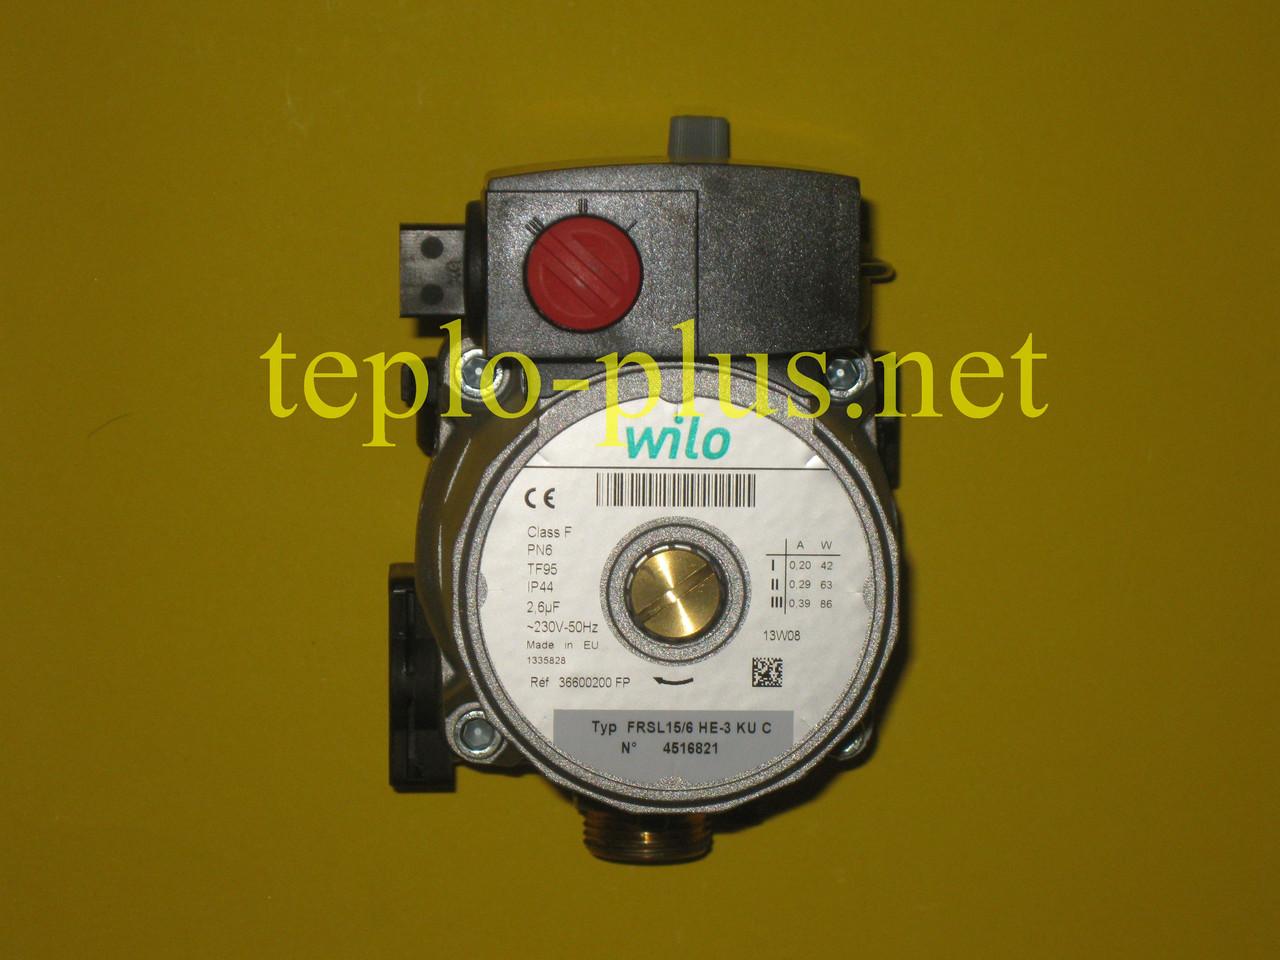 Насос Wilo 39820900 Ferroli Domina C28 N, F28 N, Diva C28, F28, Domiproject C32D, F32D, Domitech C32, F32